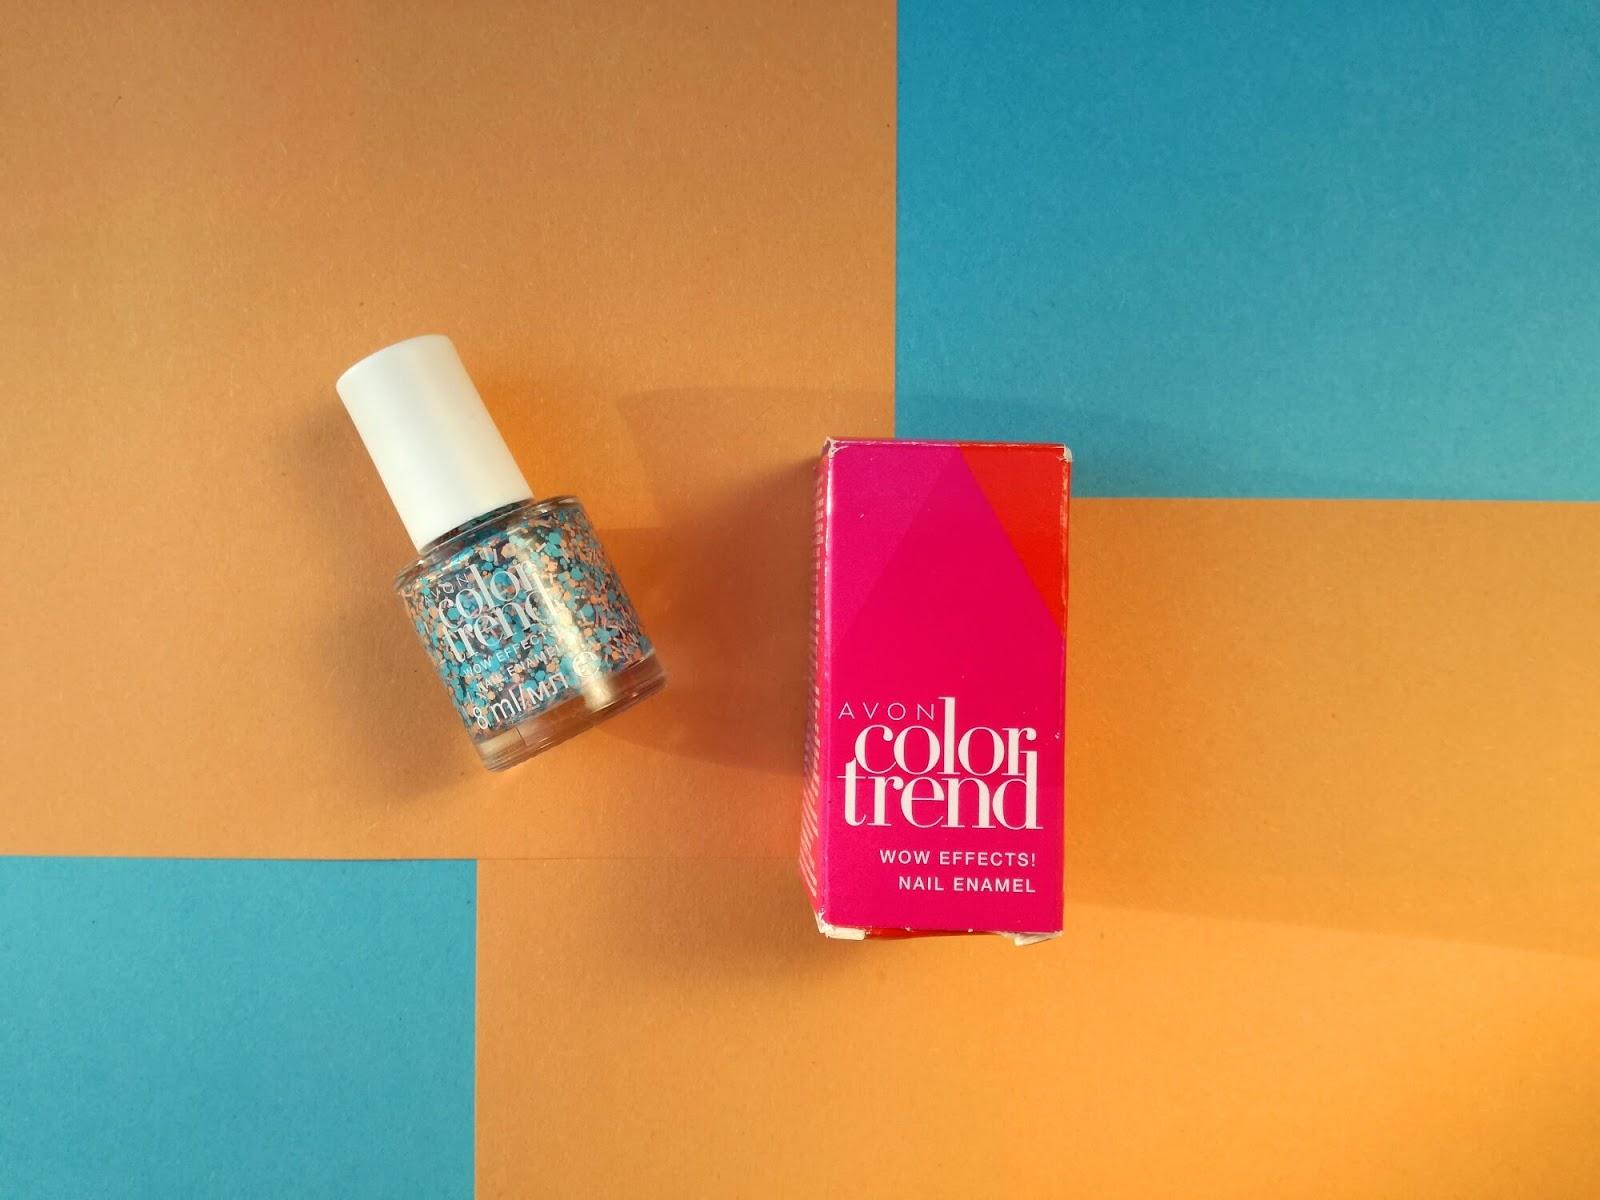 lakier Avon color trend